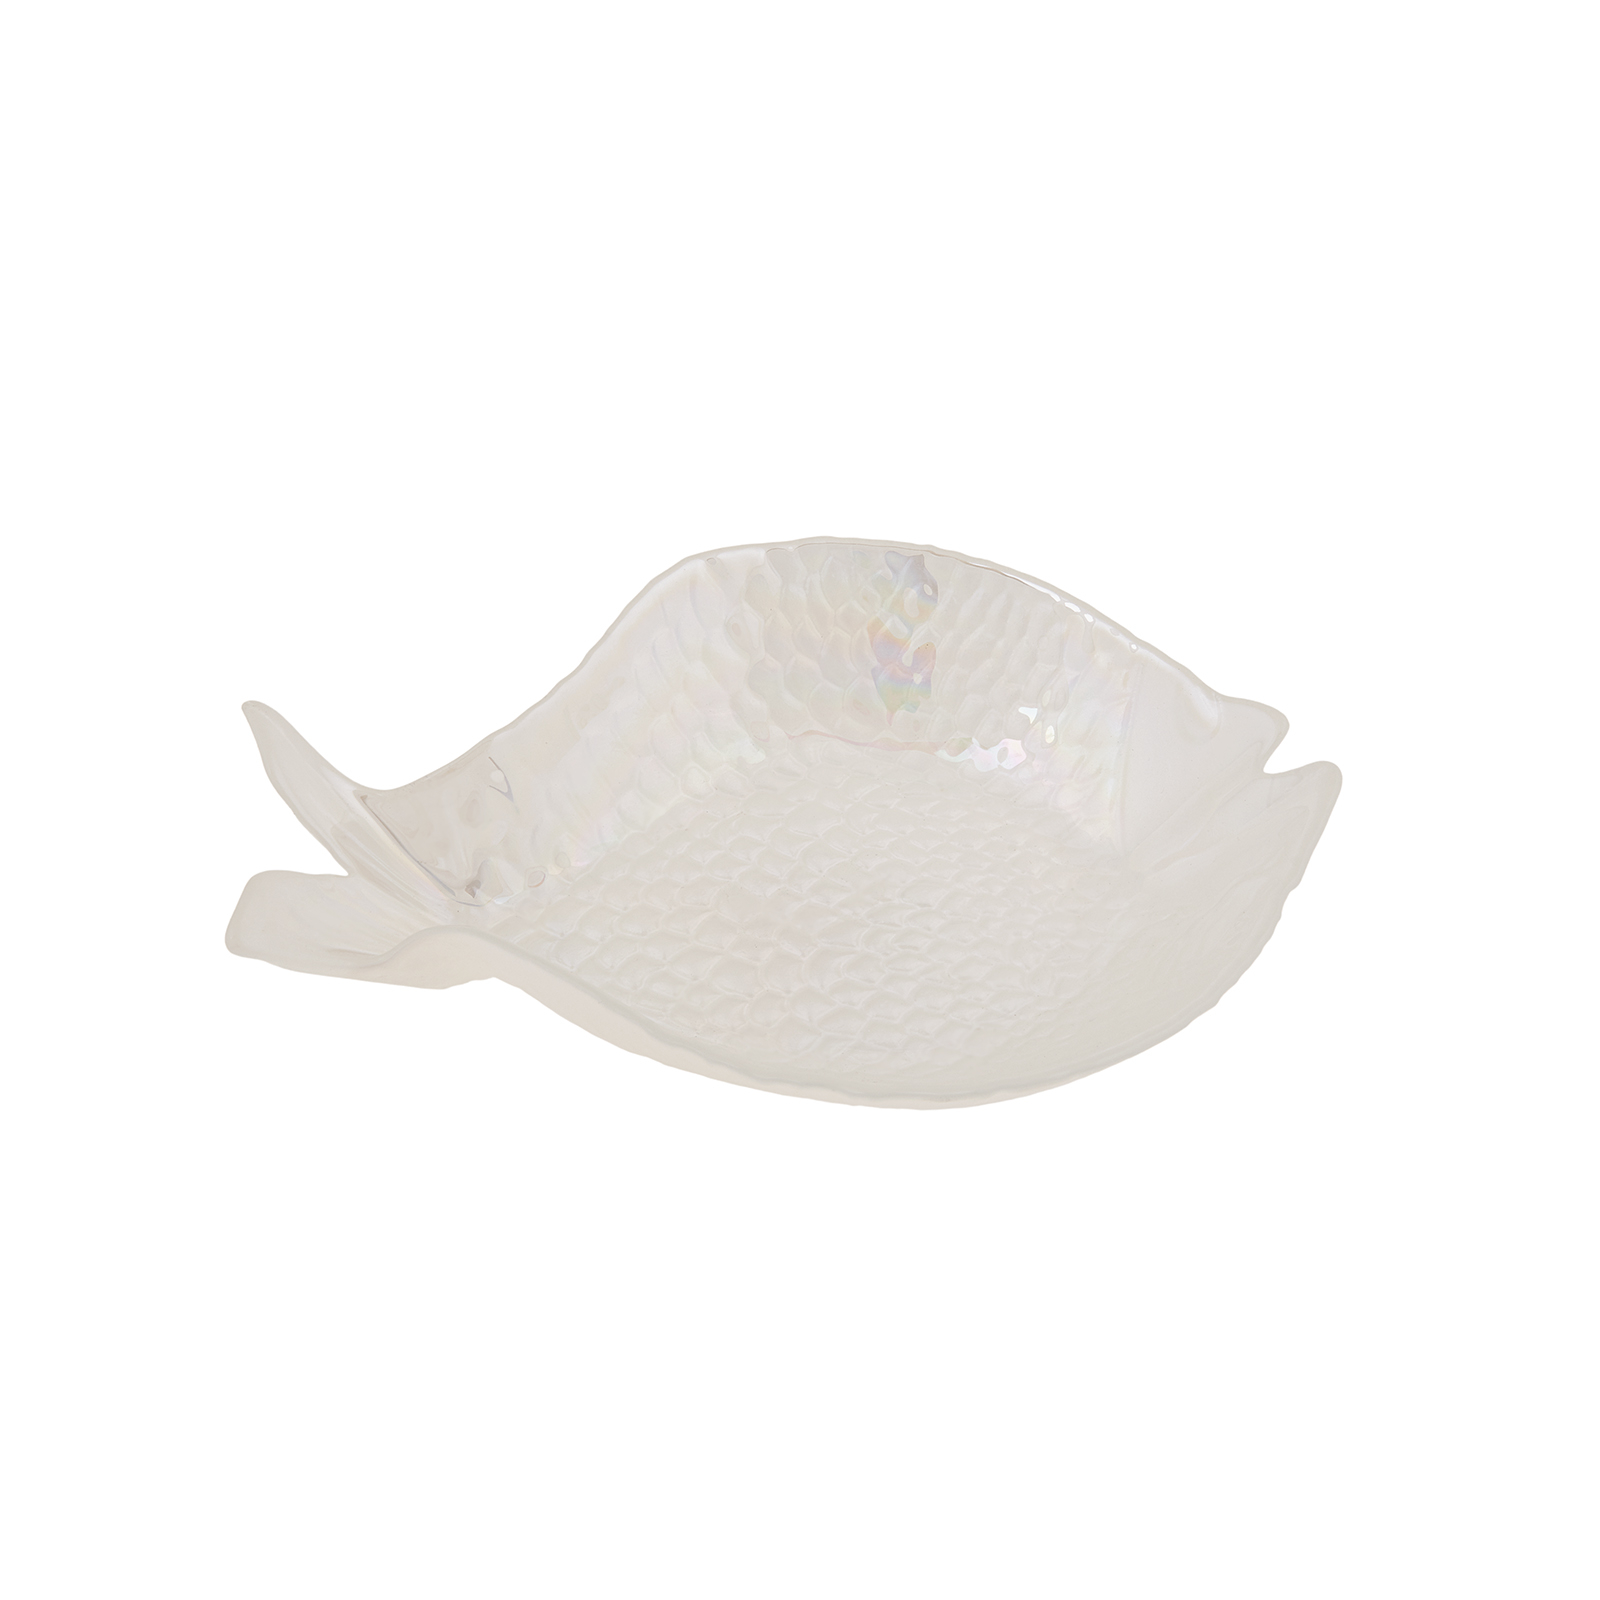 Karaca Island Fish Beyaz 25cm Tabak